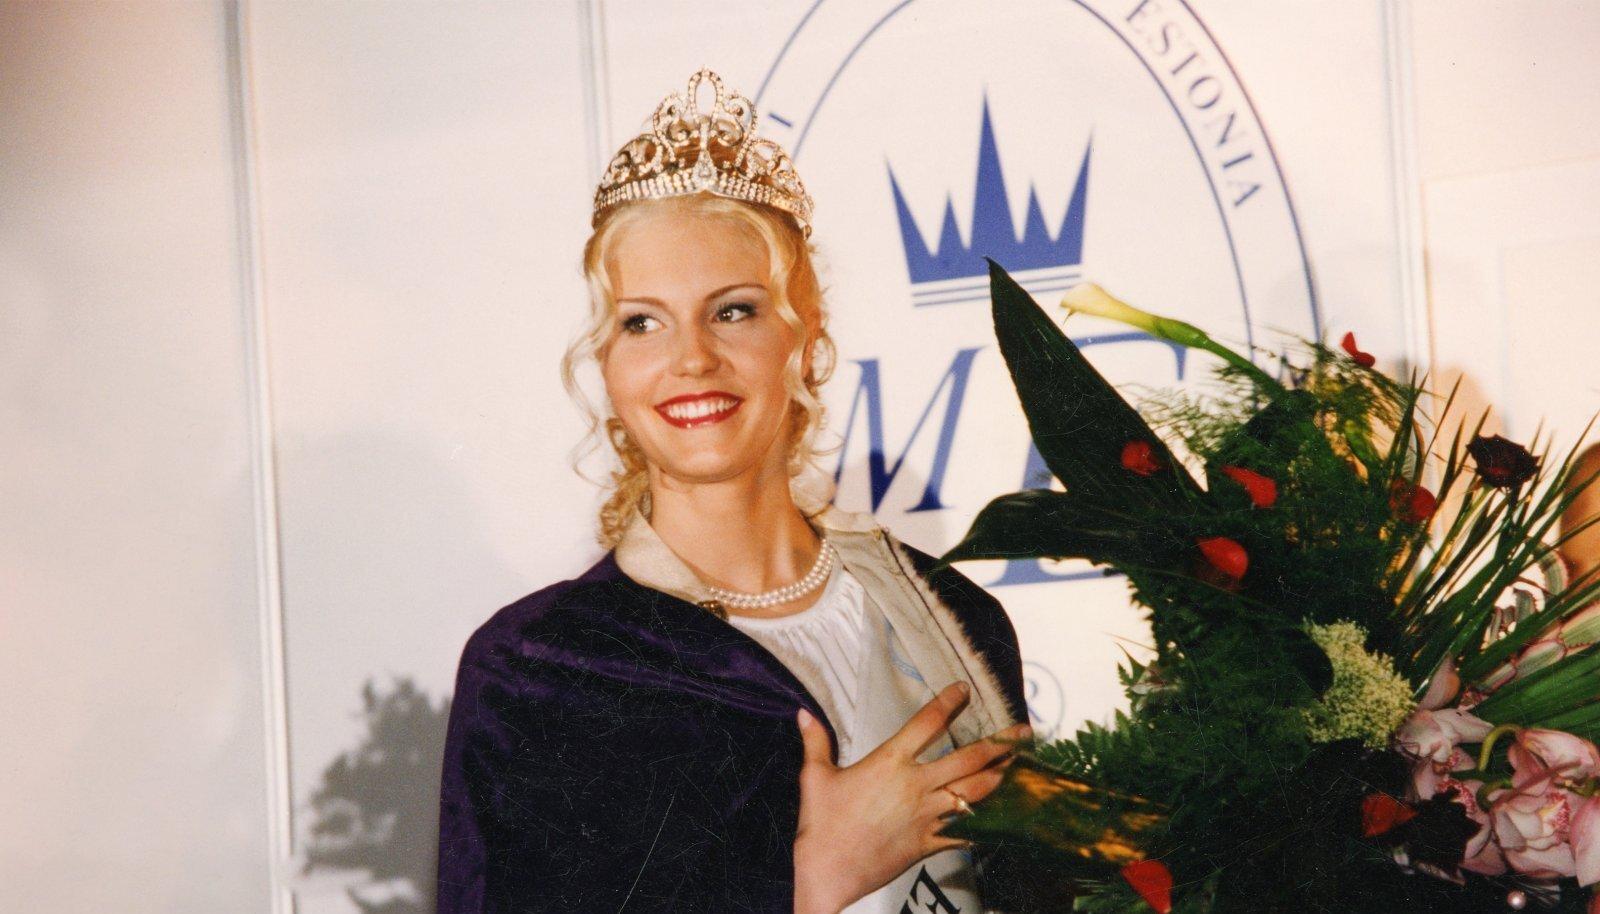 AASTA KAUNITAR: 1998. aastal krooniti Lelles üles kasvanud Kadri Väljaots Miss Estoniaks. Mõned aastad figureeris ta veel avalikkuses, kuid on viimasel ajal perega Liibanonis ja hoidnud vägamadalat profiili.